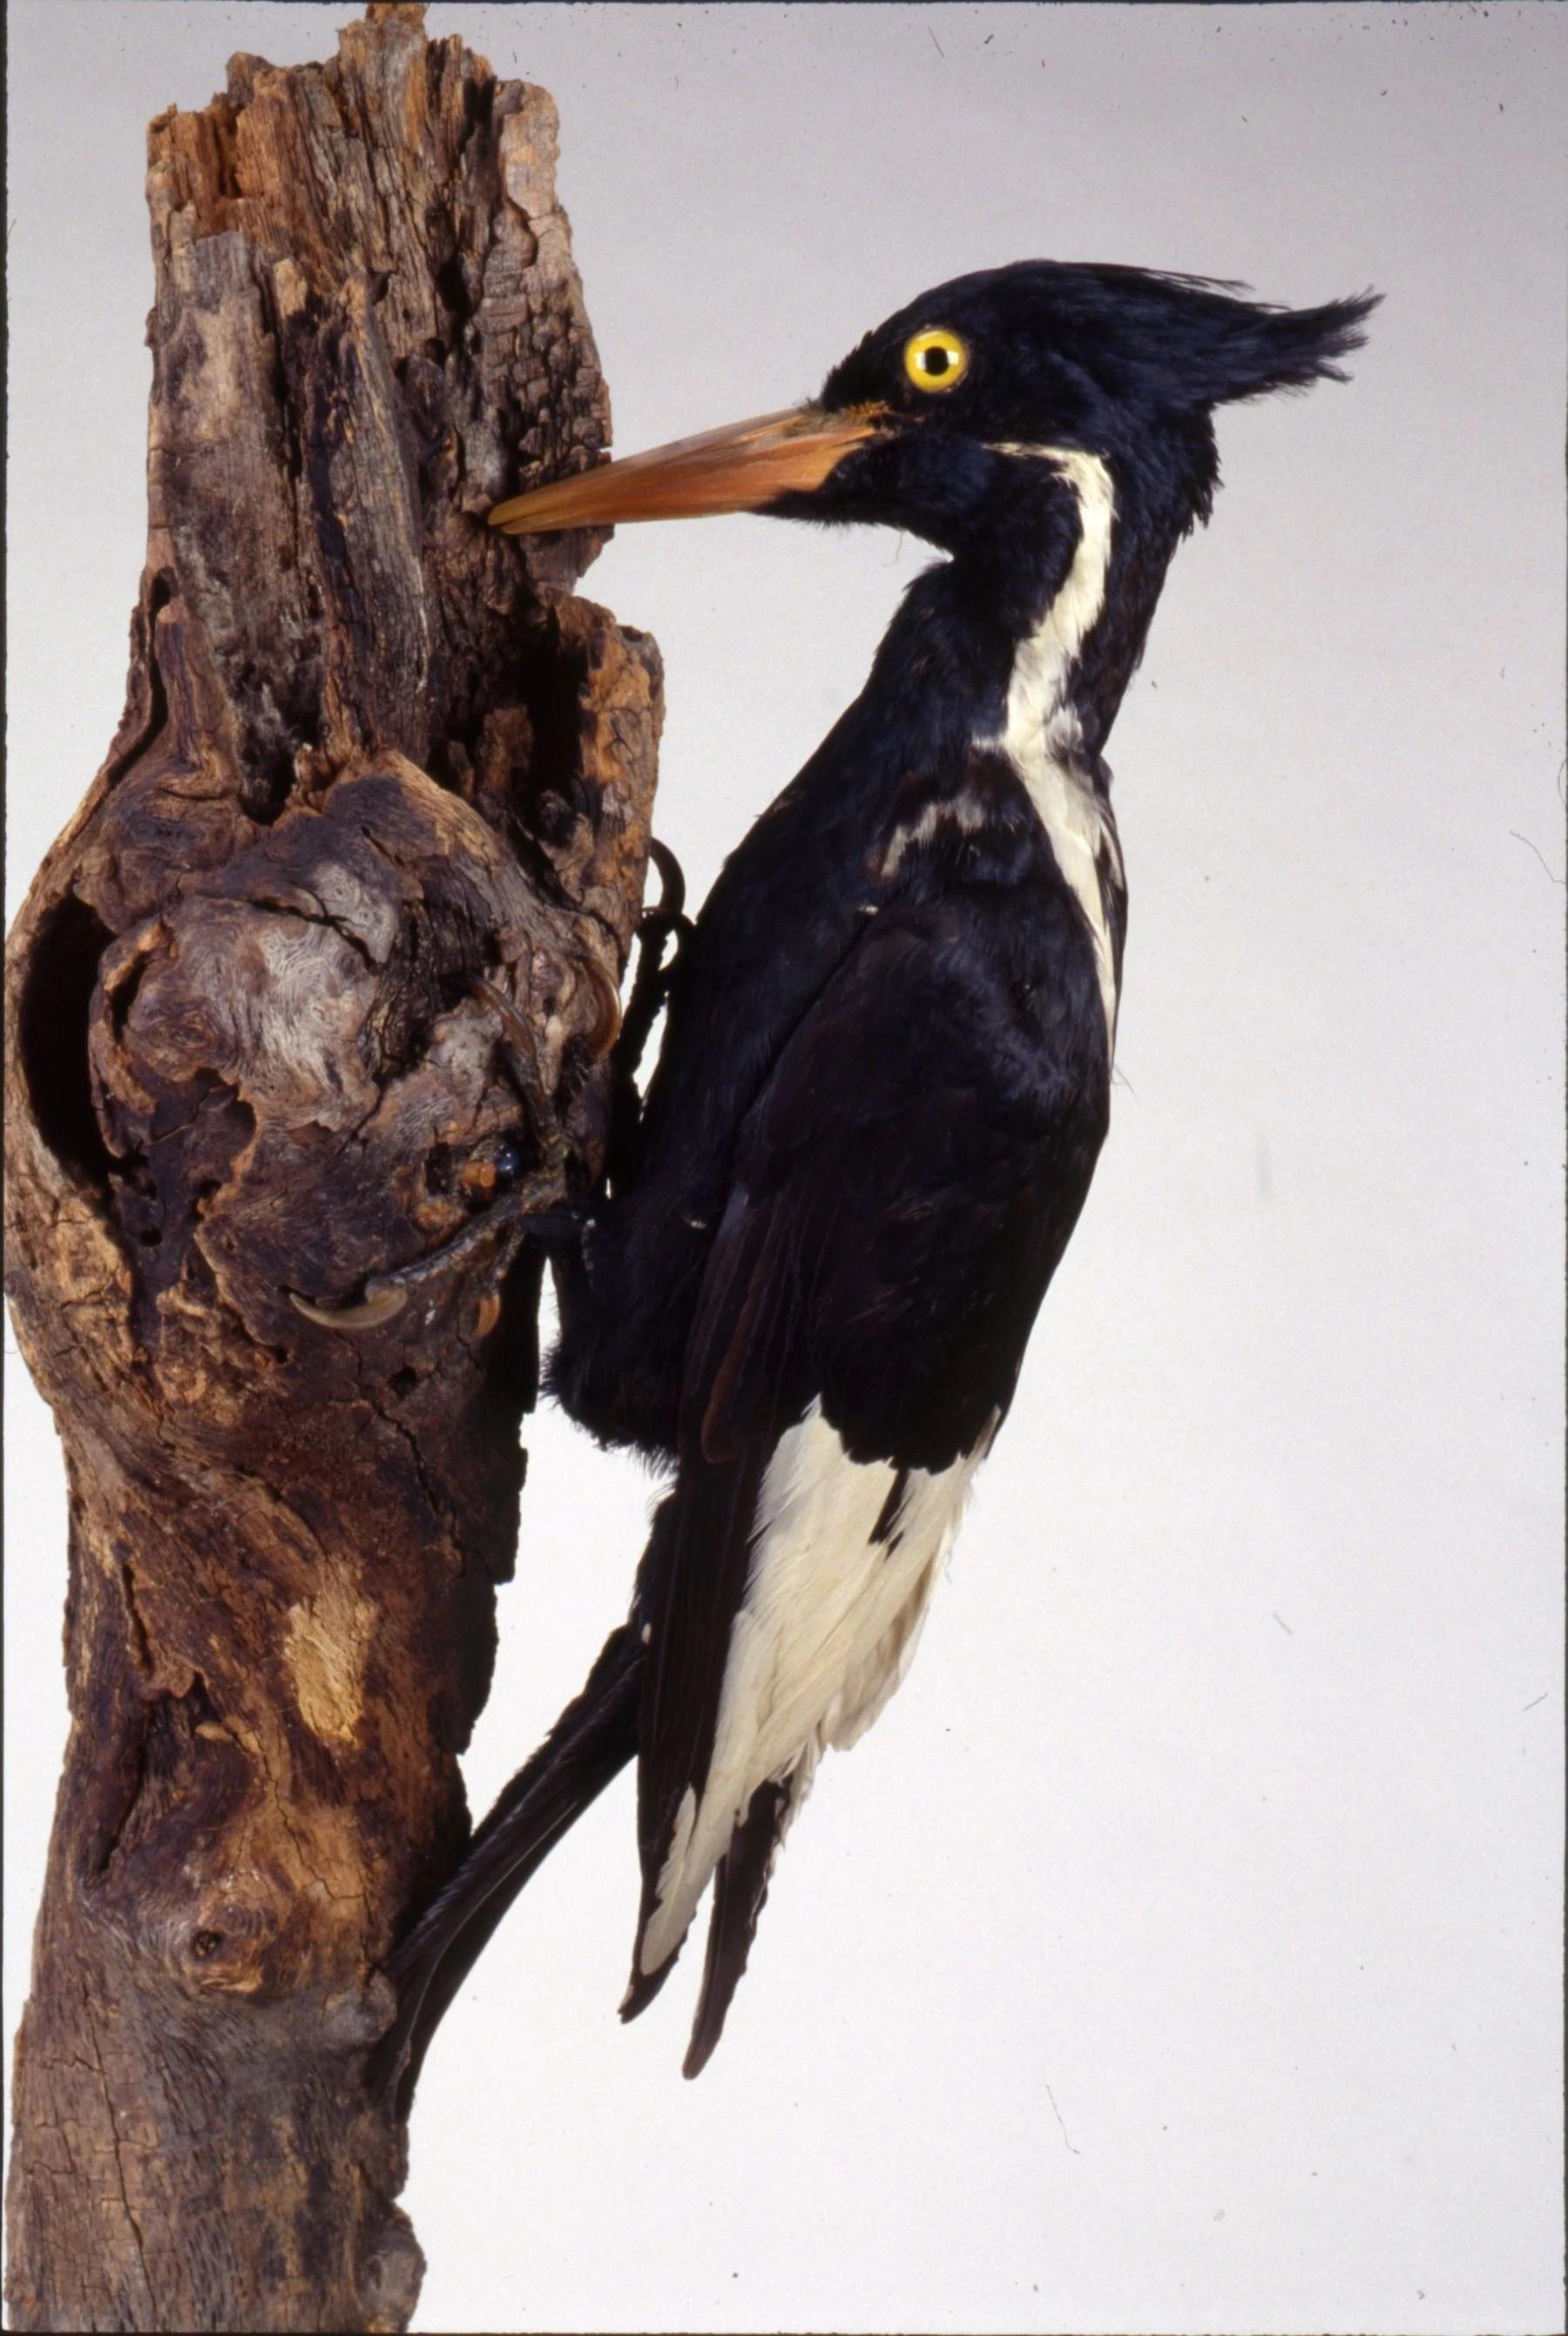 Iron-billed woodpecker